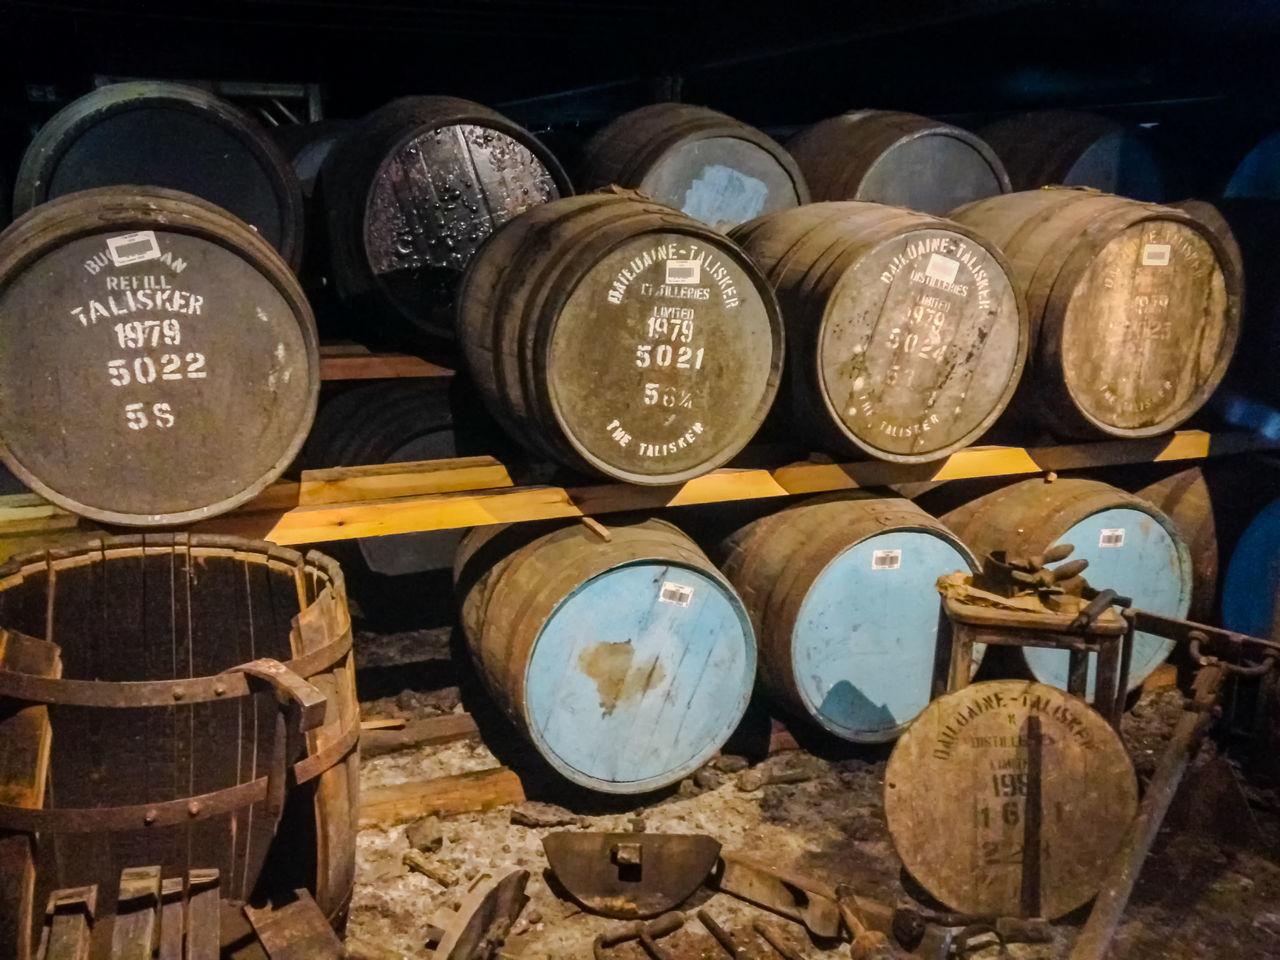 Oak Barrel, Talisker Distillery, Carbost, Isle of Skye, Scotland Barrel Close-up Day Indoors  Large Group Of Objects Metal No People Oak Oak Barrel Oak Barrels Scotland Scotland 💕 Talisker Talisker Distillery Taliskerwhiskey Text Whisky